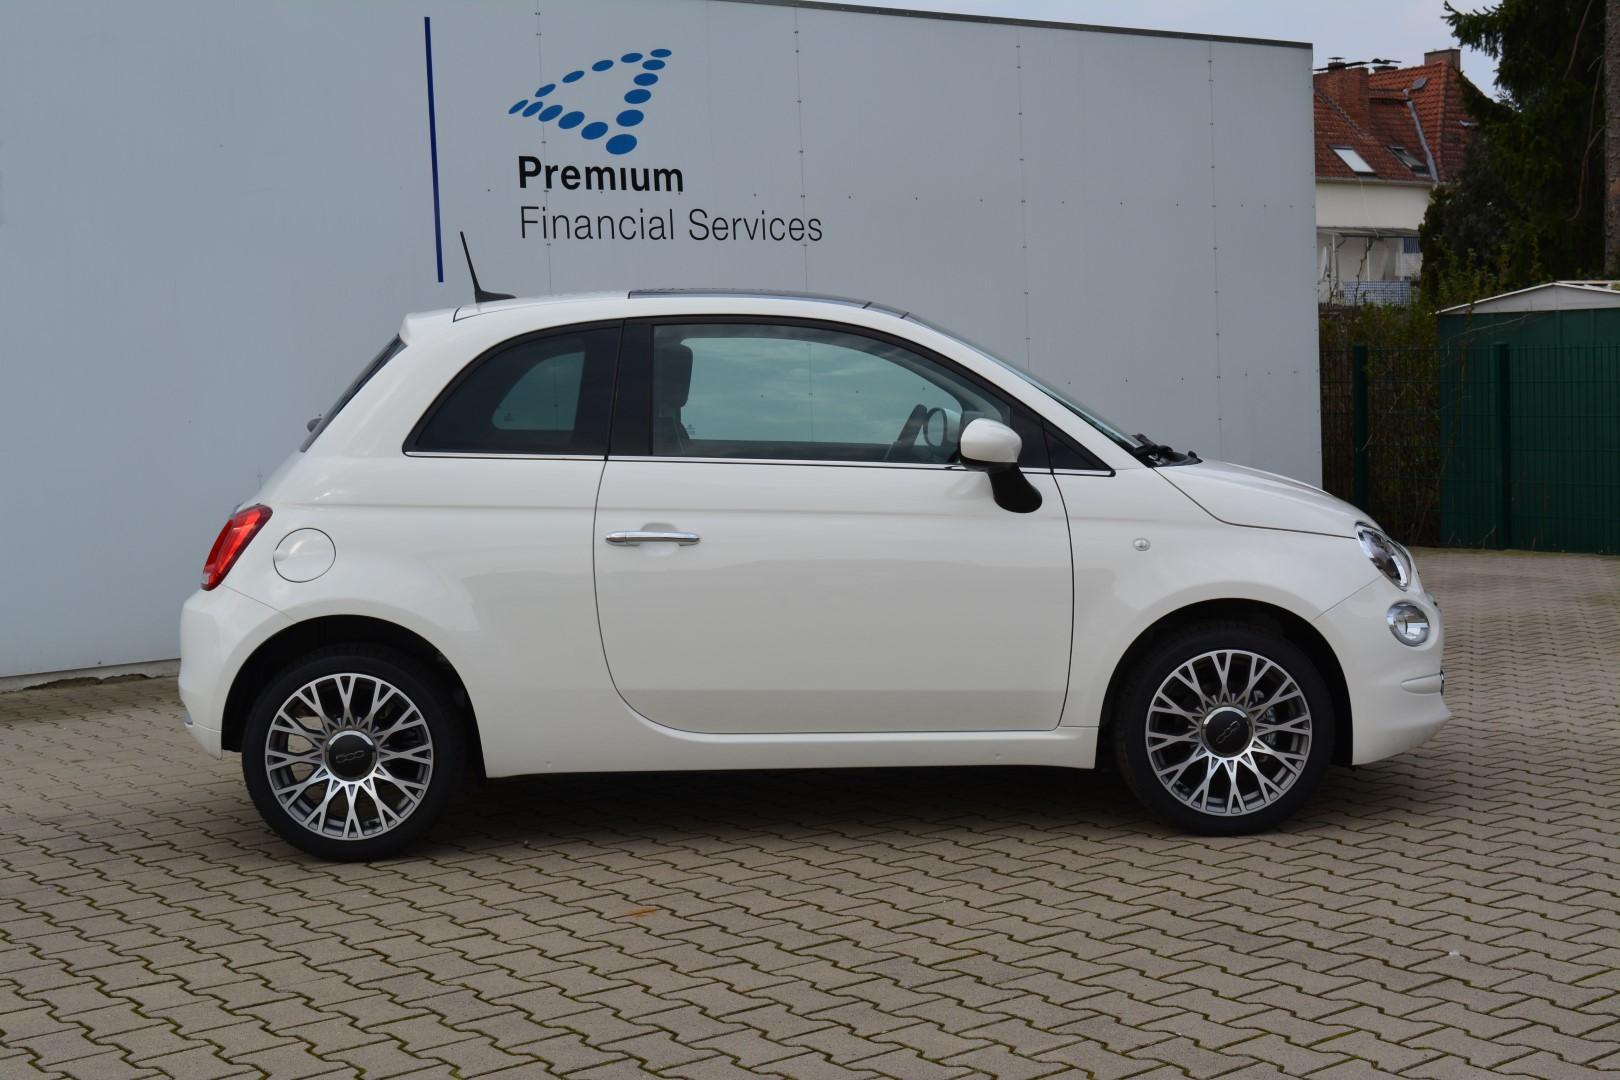 Fiat 500 EU Neuwagen günstig in Bielefeld kaufen